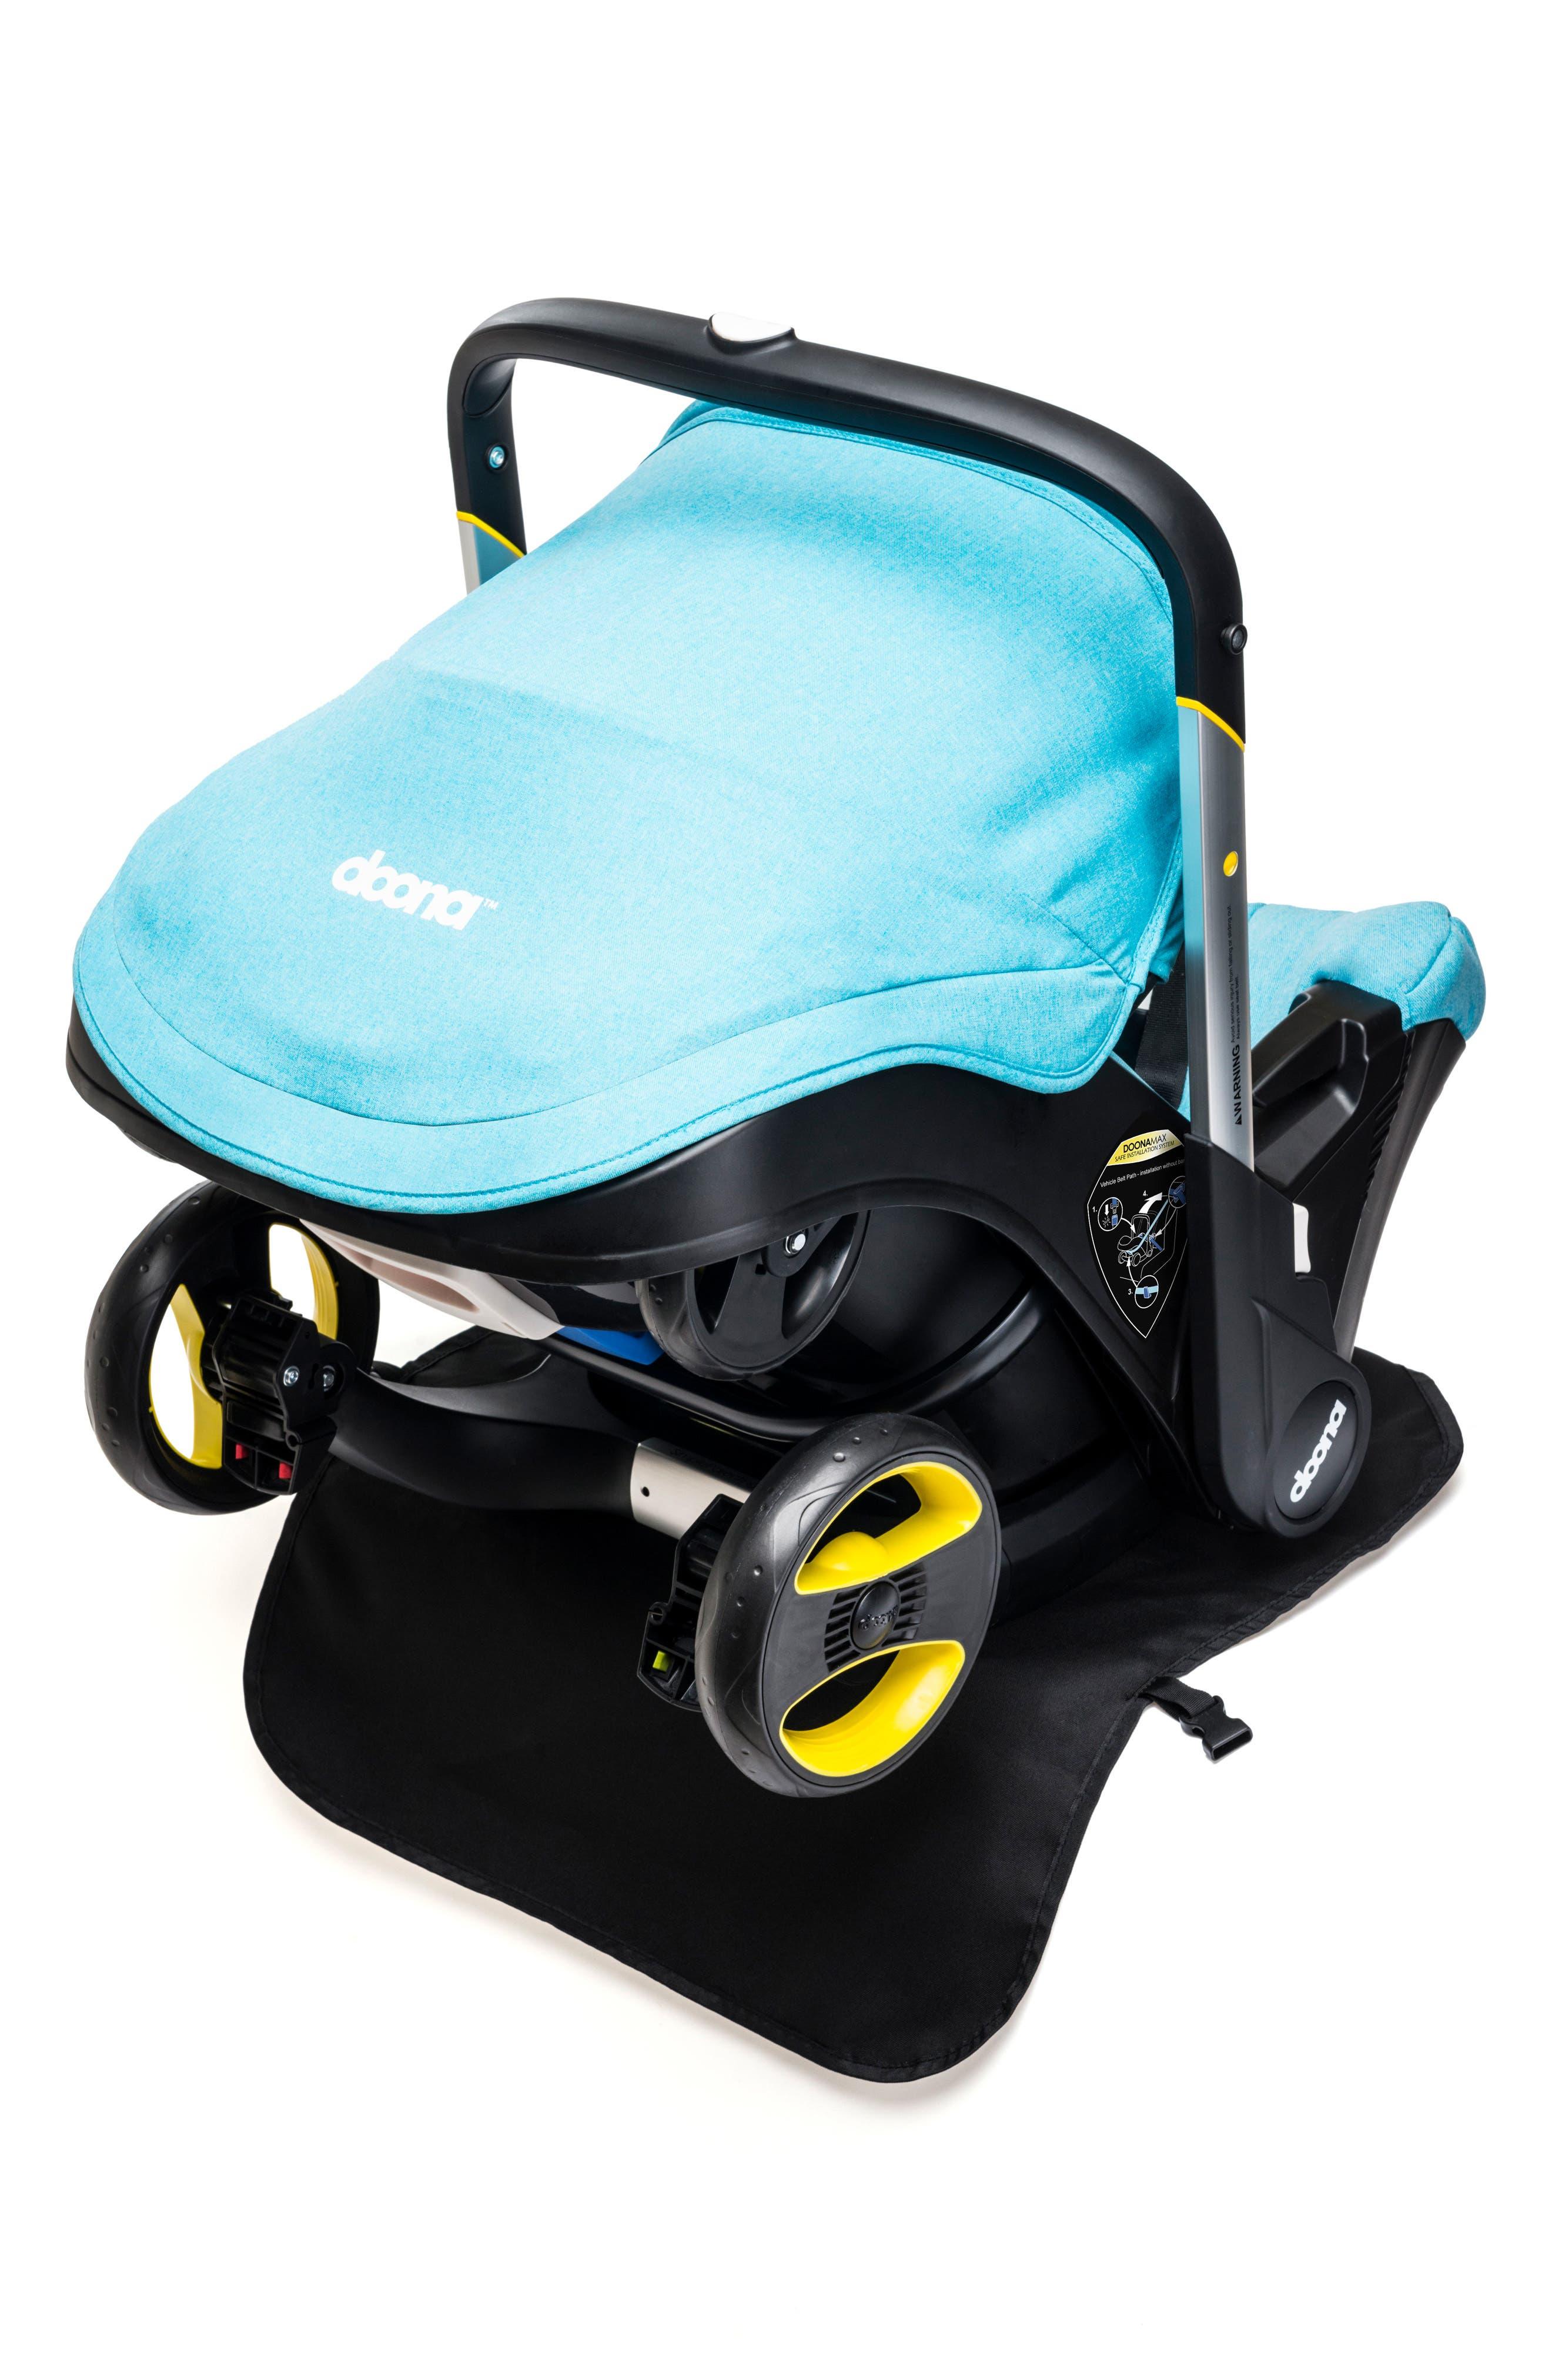 Vehicle Seat Protector,                             Main thumbnail 1, color,                             Black